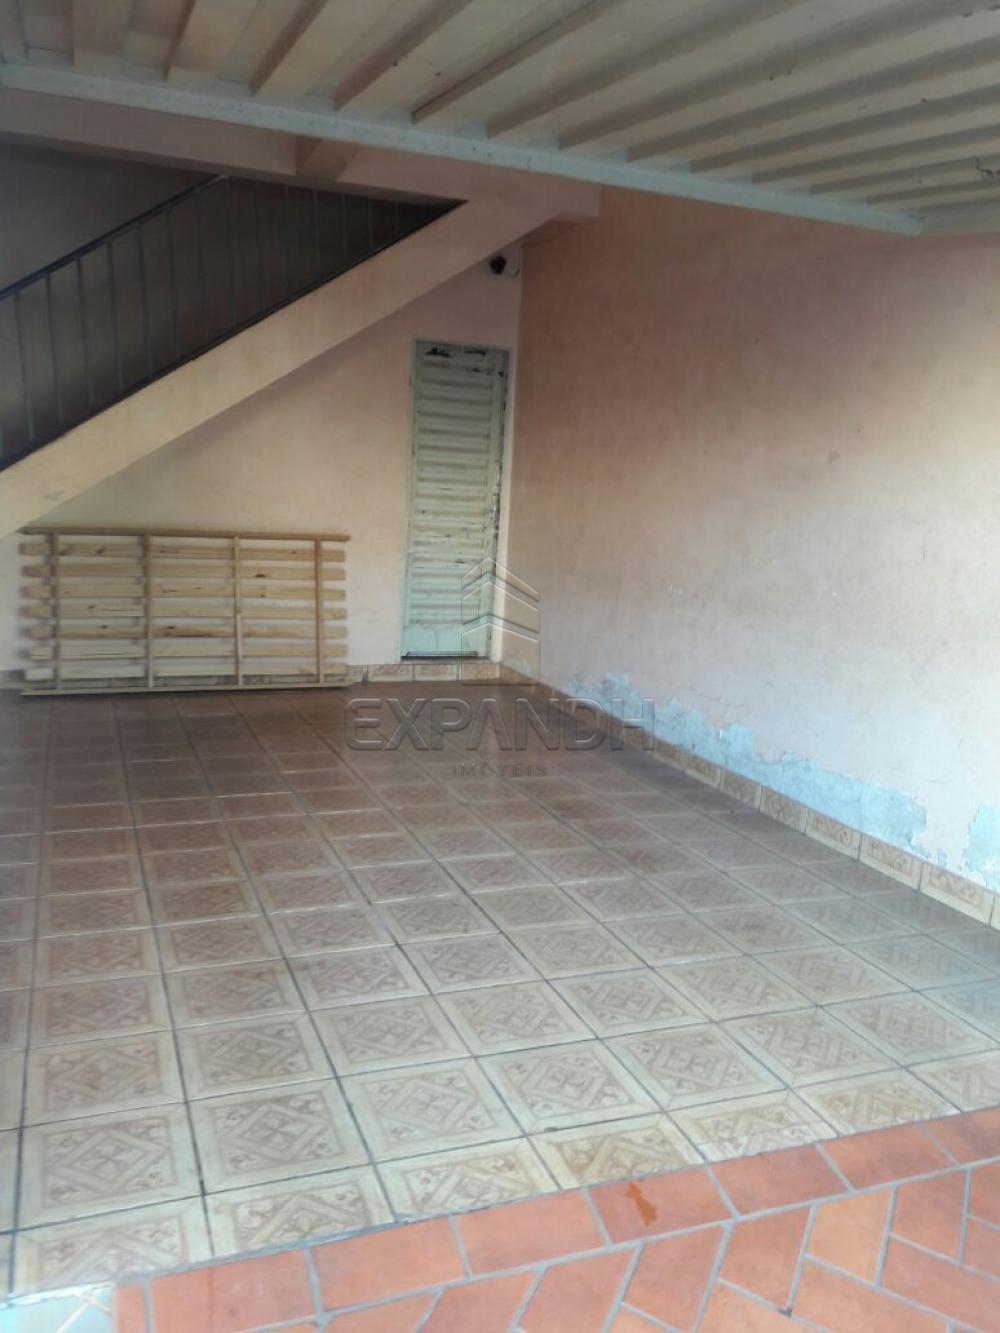 Comprar Casas / Padrão em Sertãozinho R$ 285.000,00 - Foto 8